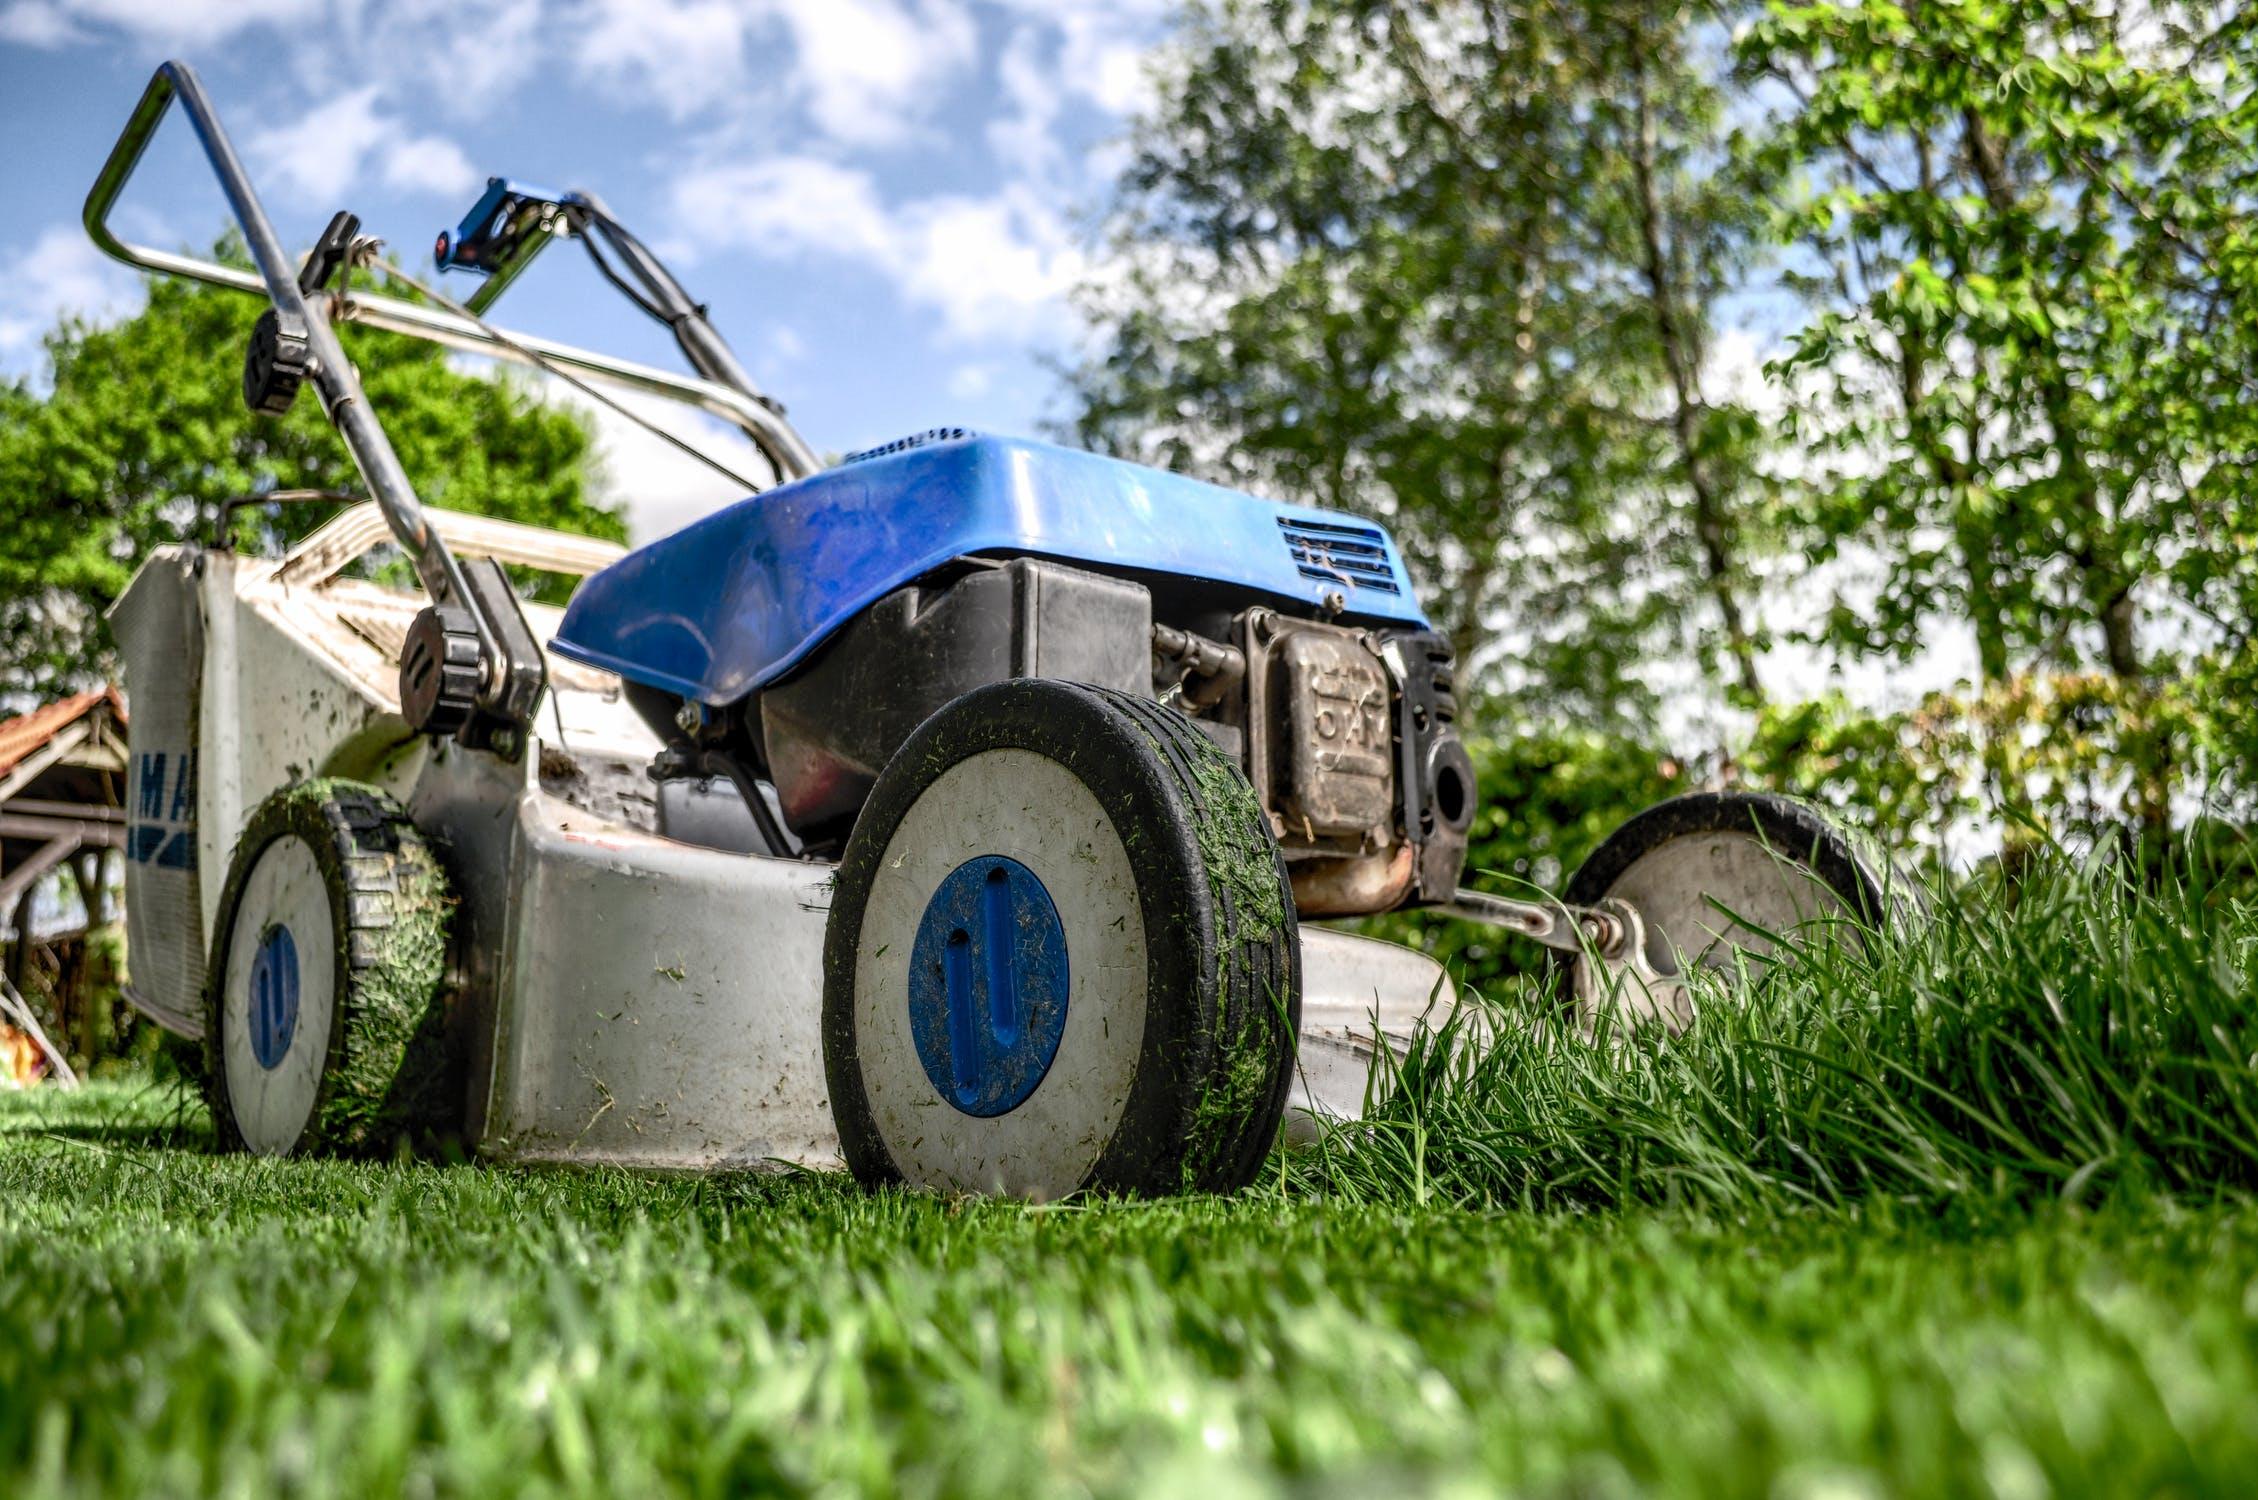 garden-grass-meadow-green-1